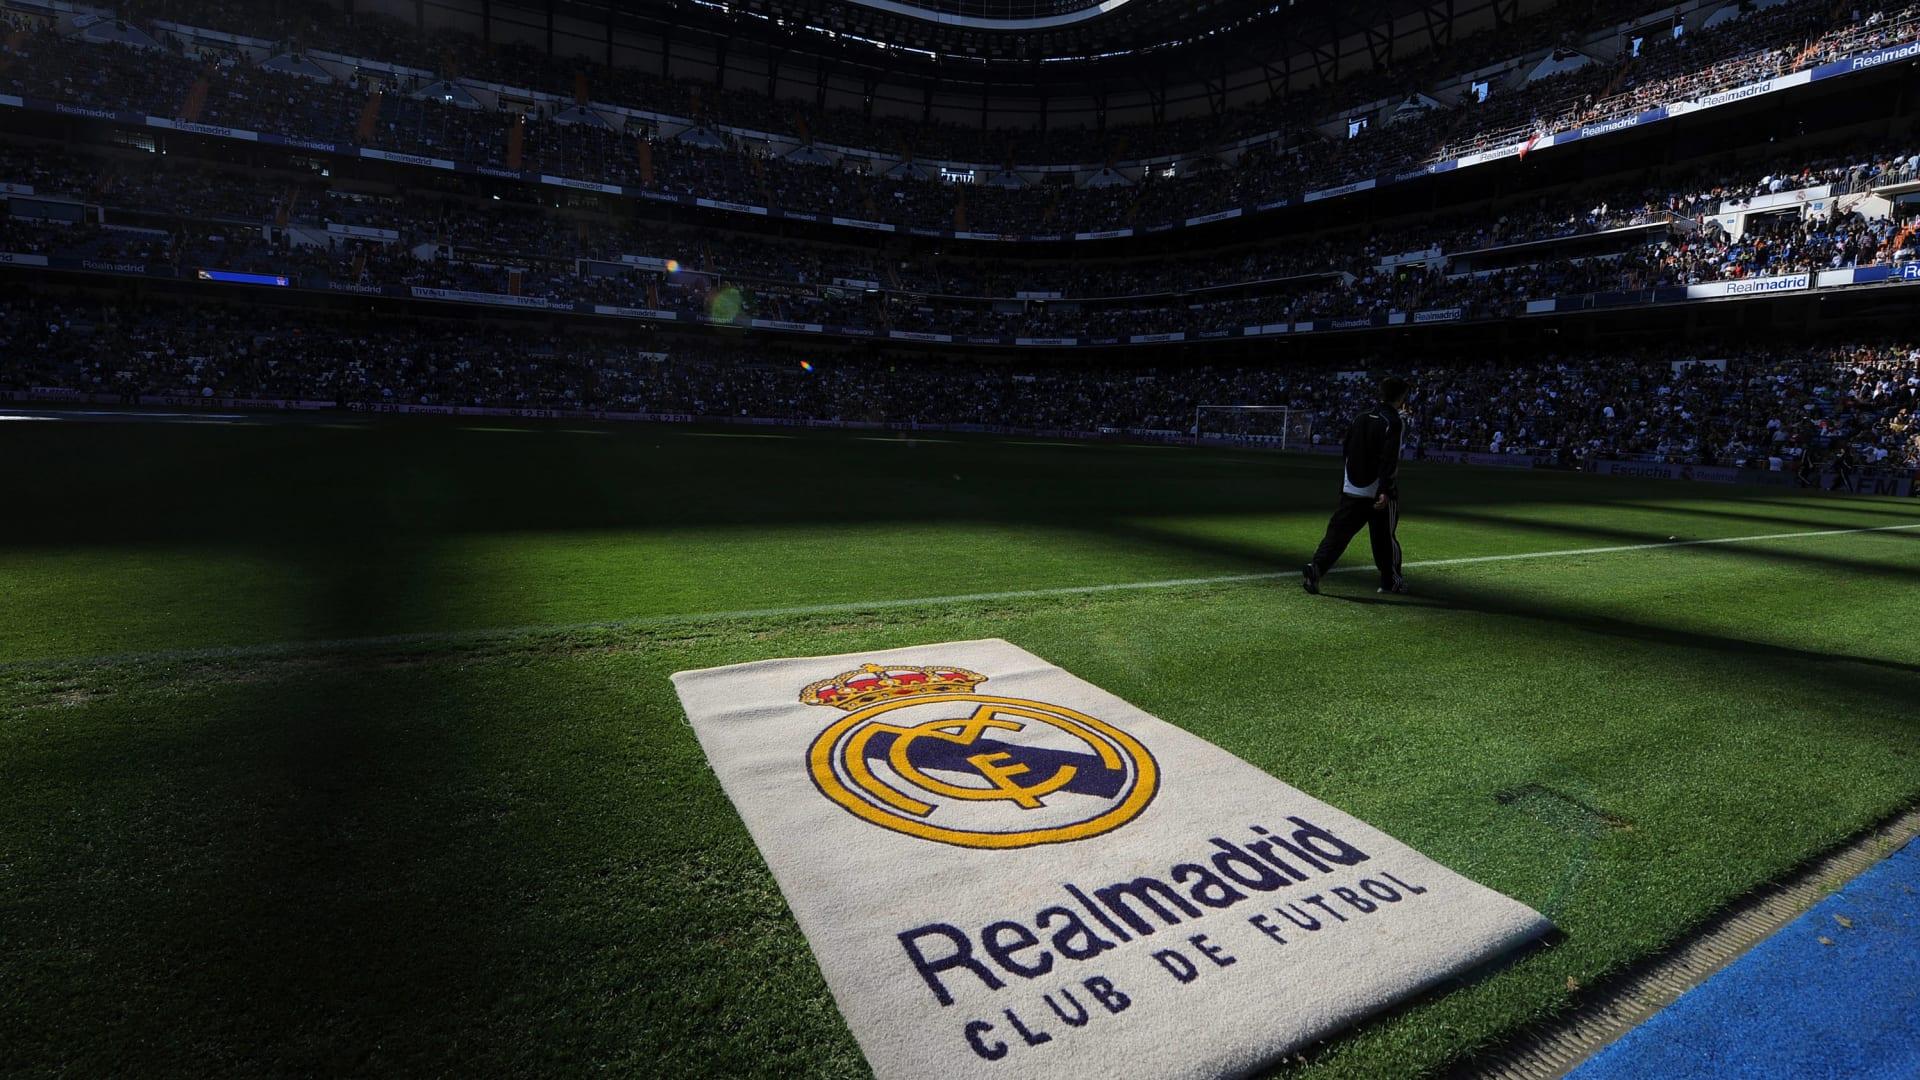 هذه العلامات التجارية لأندية كرة القدم هي الأعلى قيمة في العالم